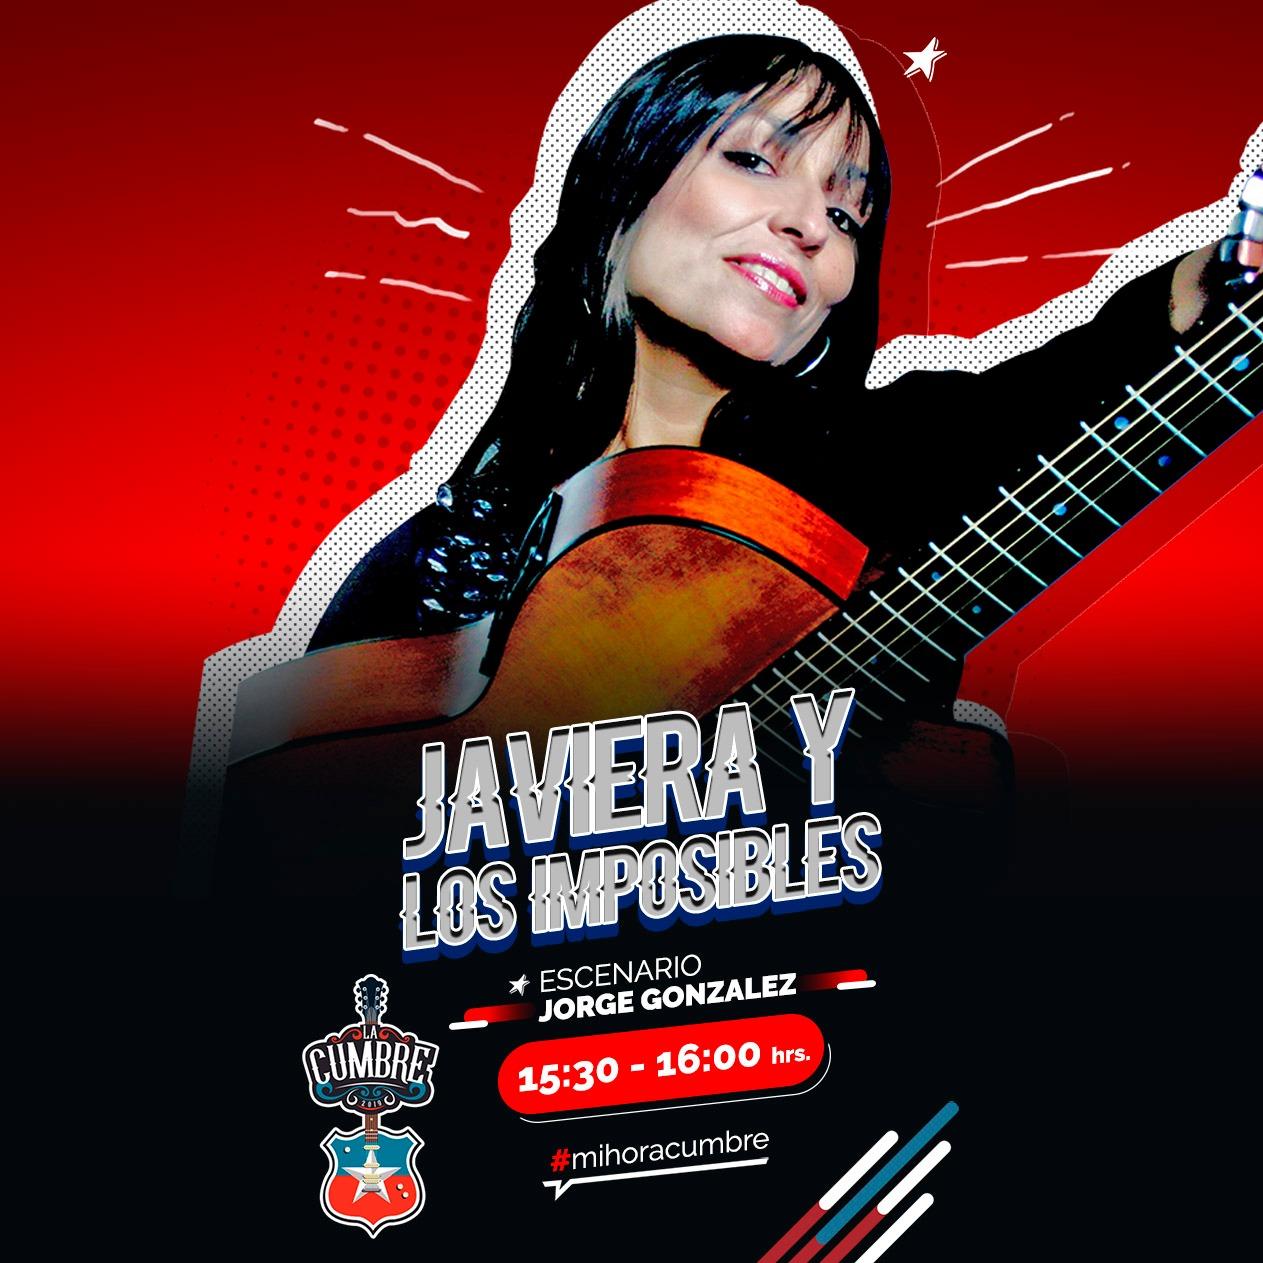 Javiera y Los Imposibles - Cumbre - Cuadrado.jpeg